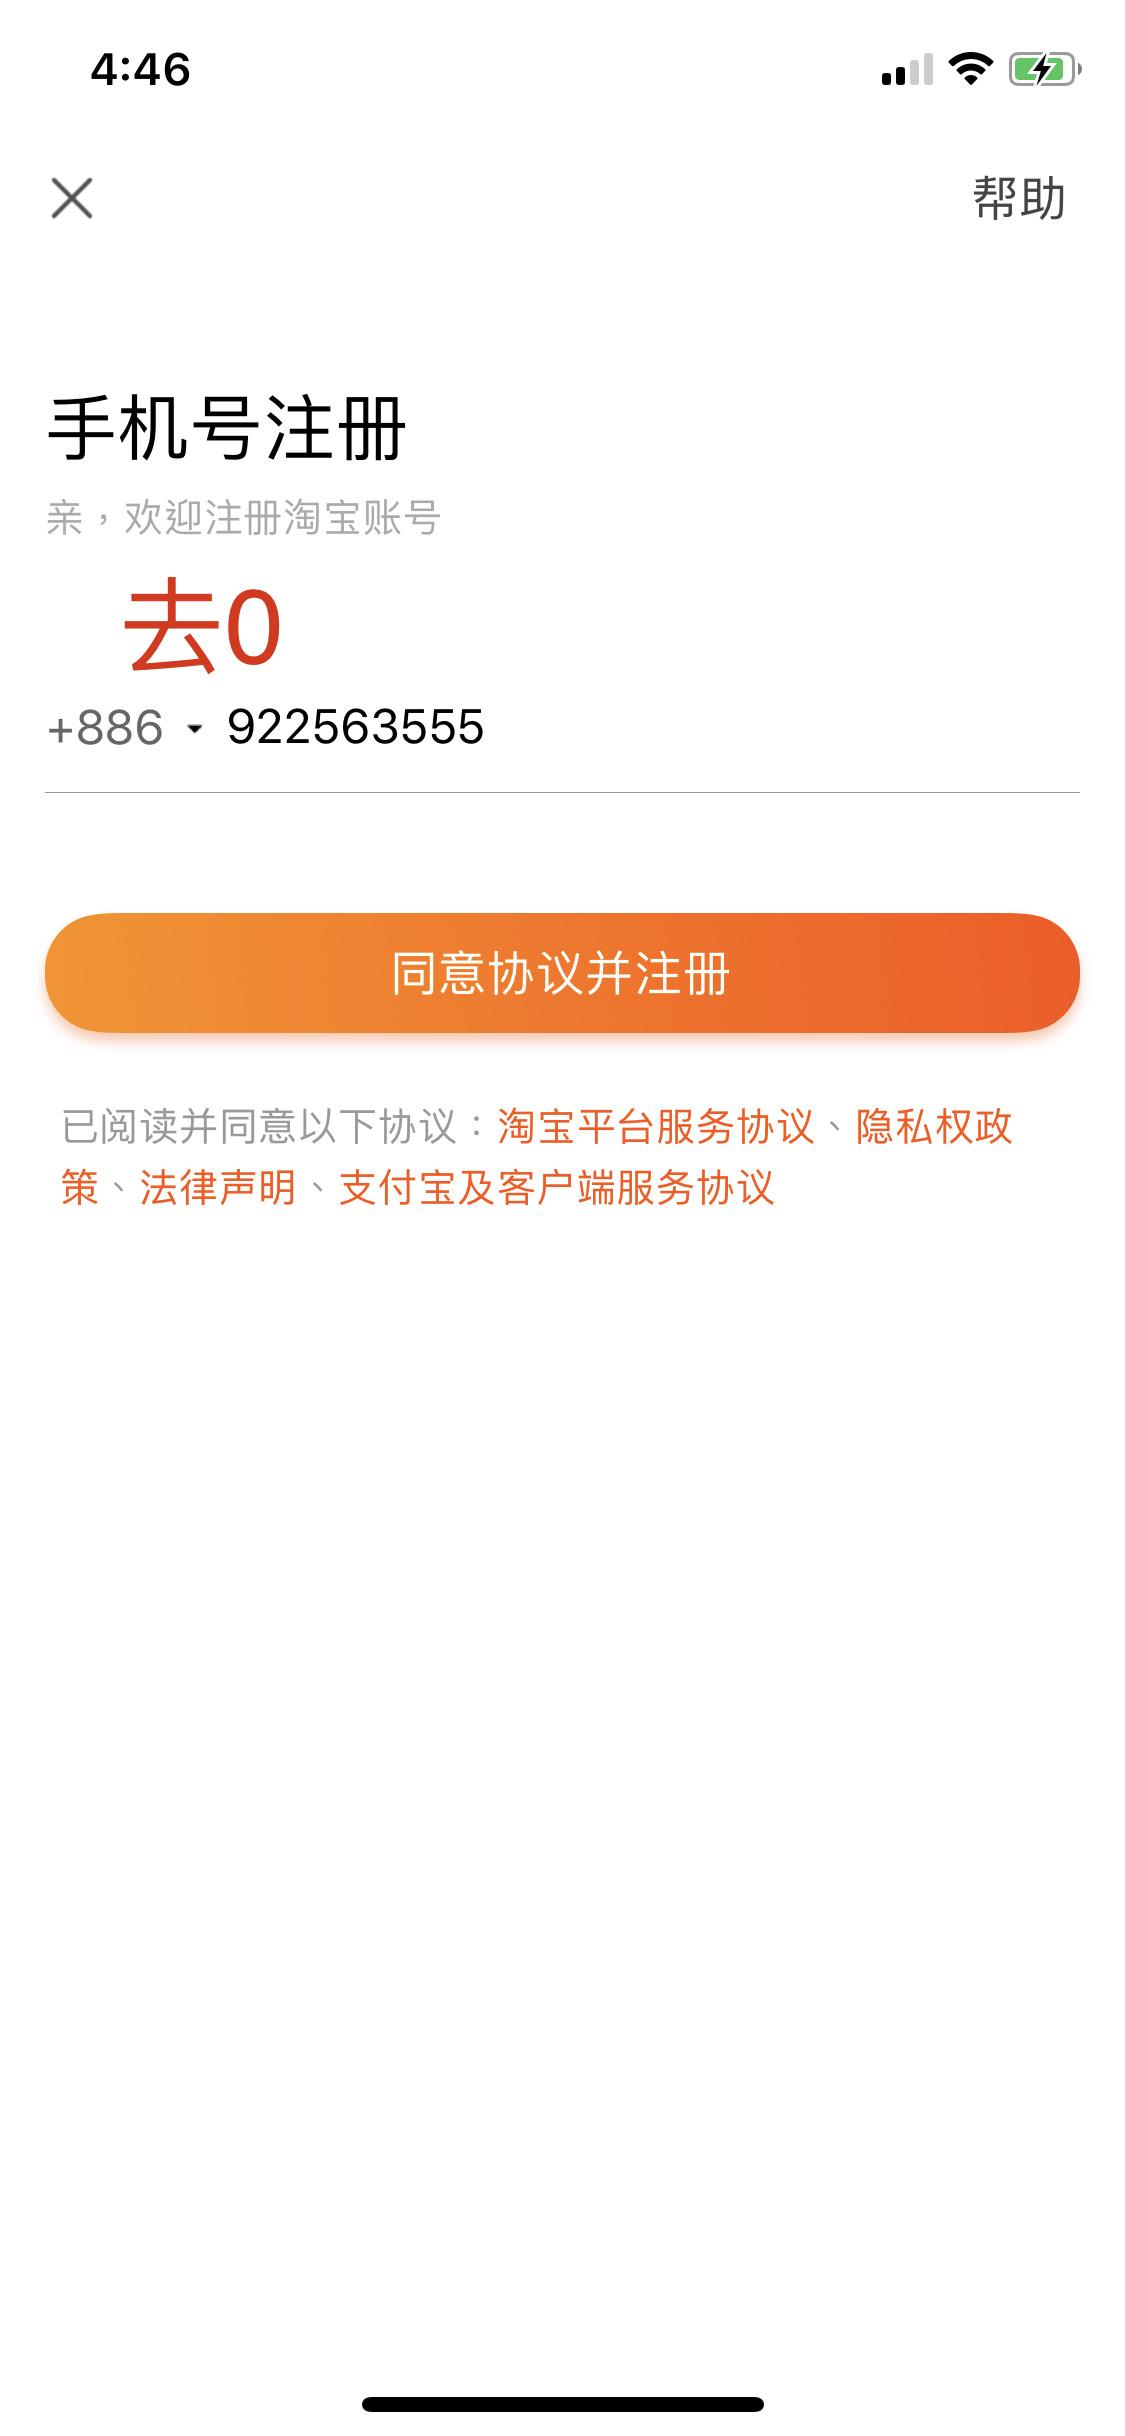 4. 國際碼台灣886,香港852。台灣手機號碼請去除開頭的0